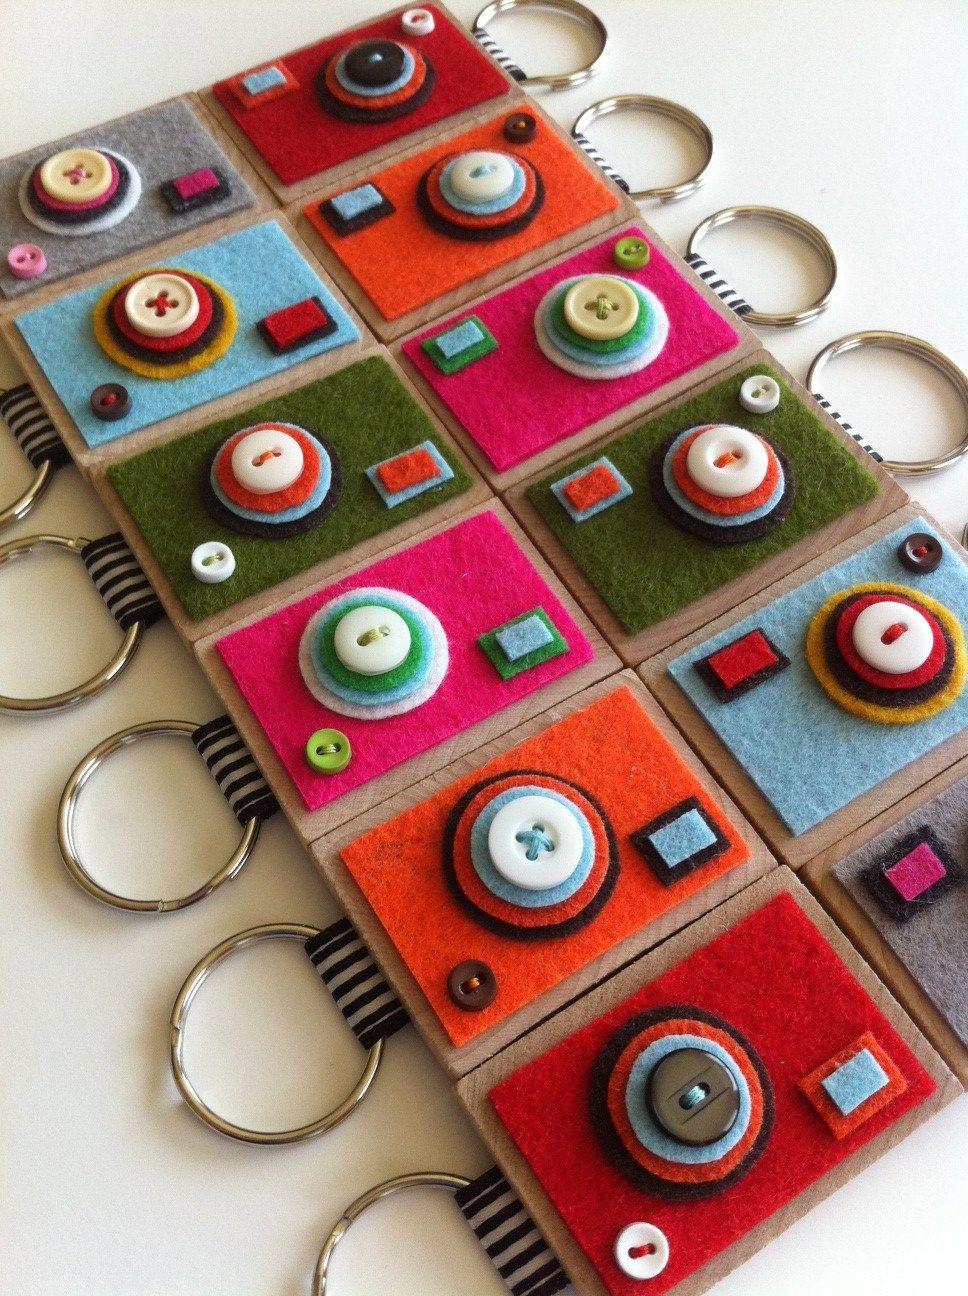 Kamera-avaimenperä. Entä muistikirja?